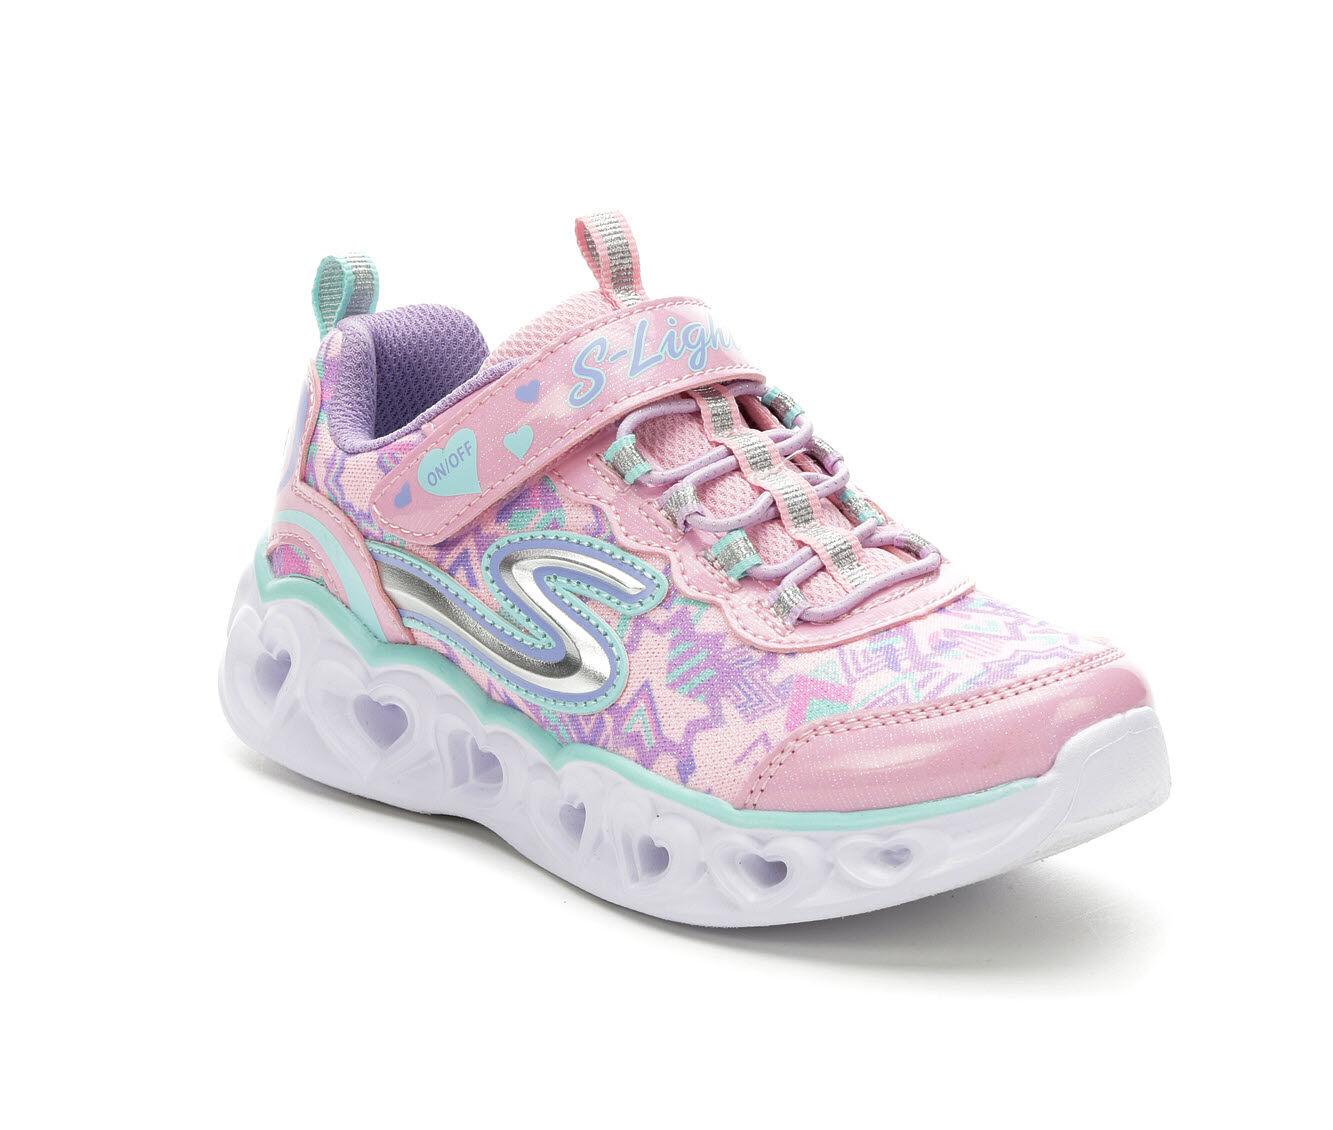 Skechers Kids's Store   Shop Girls & Boys Skechers Online